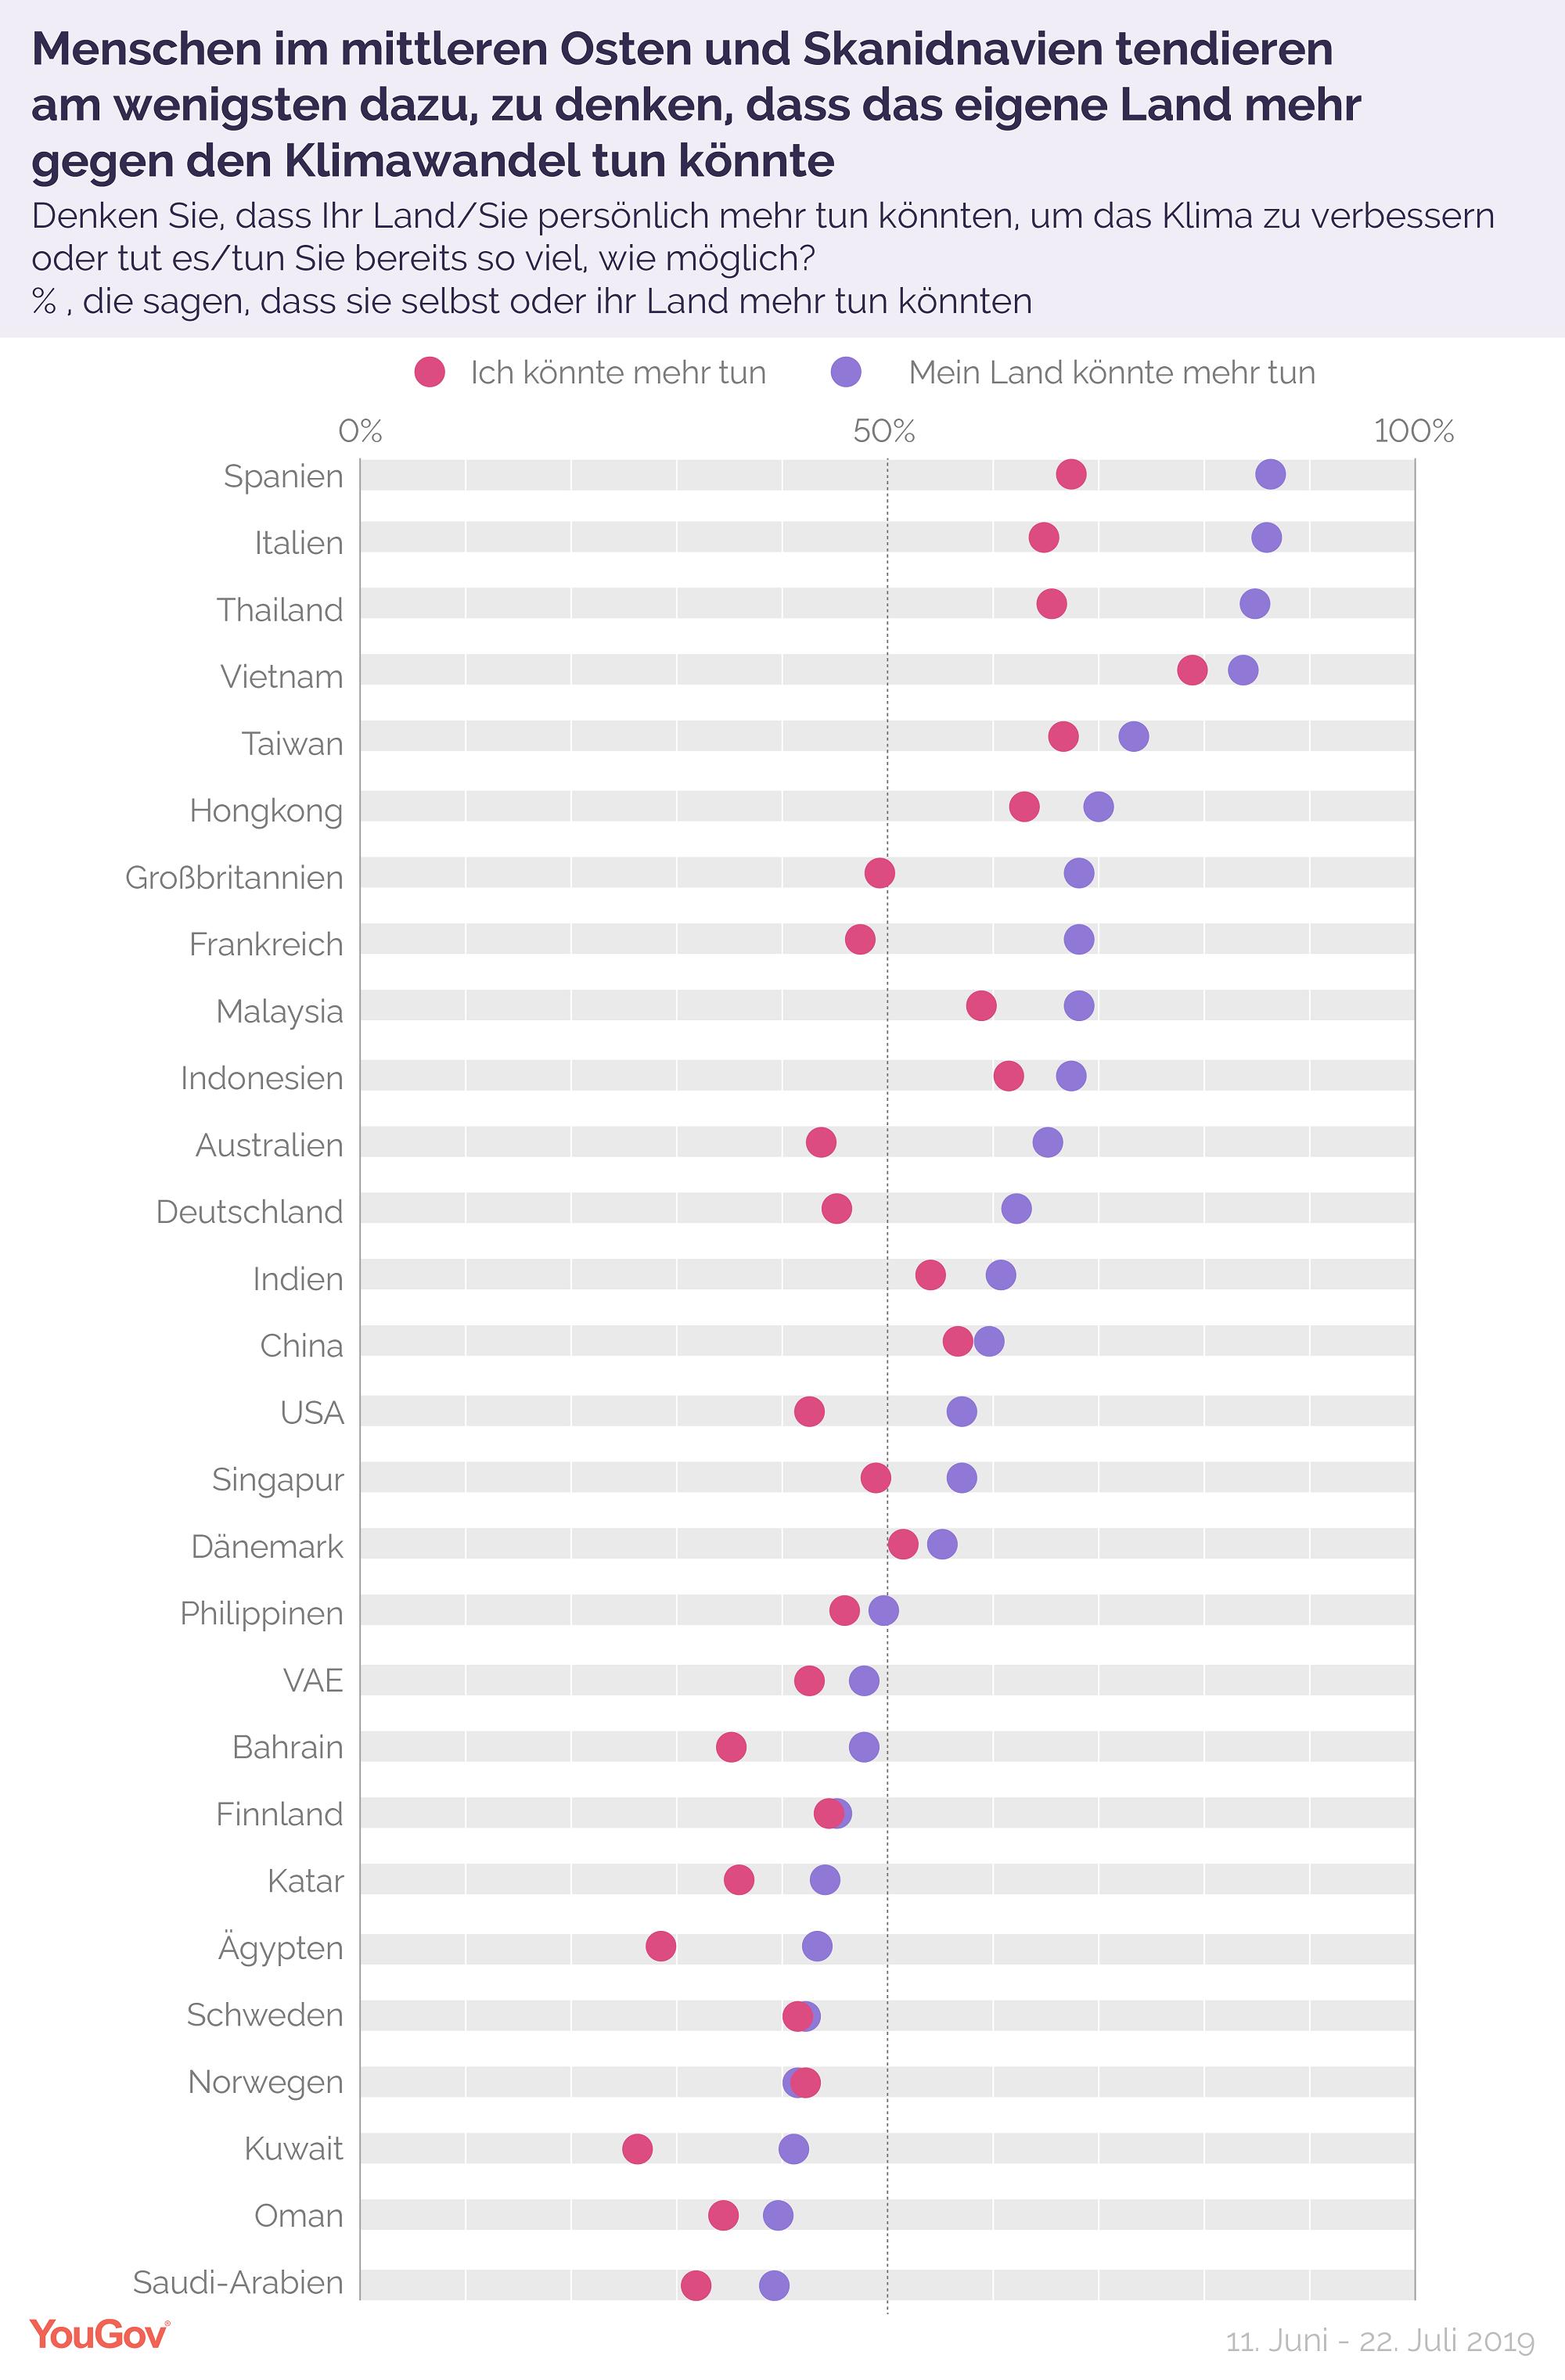 Grafik Maßnahmen des eigenen Landes gegen Klimawandel